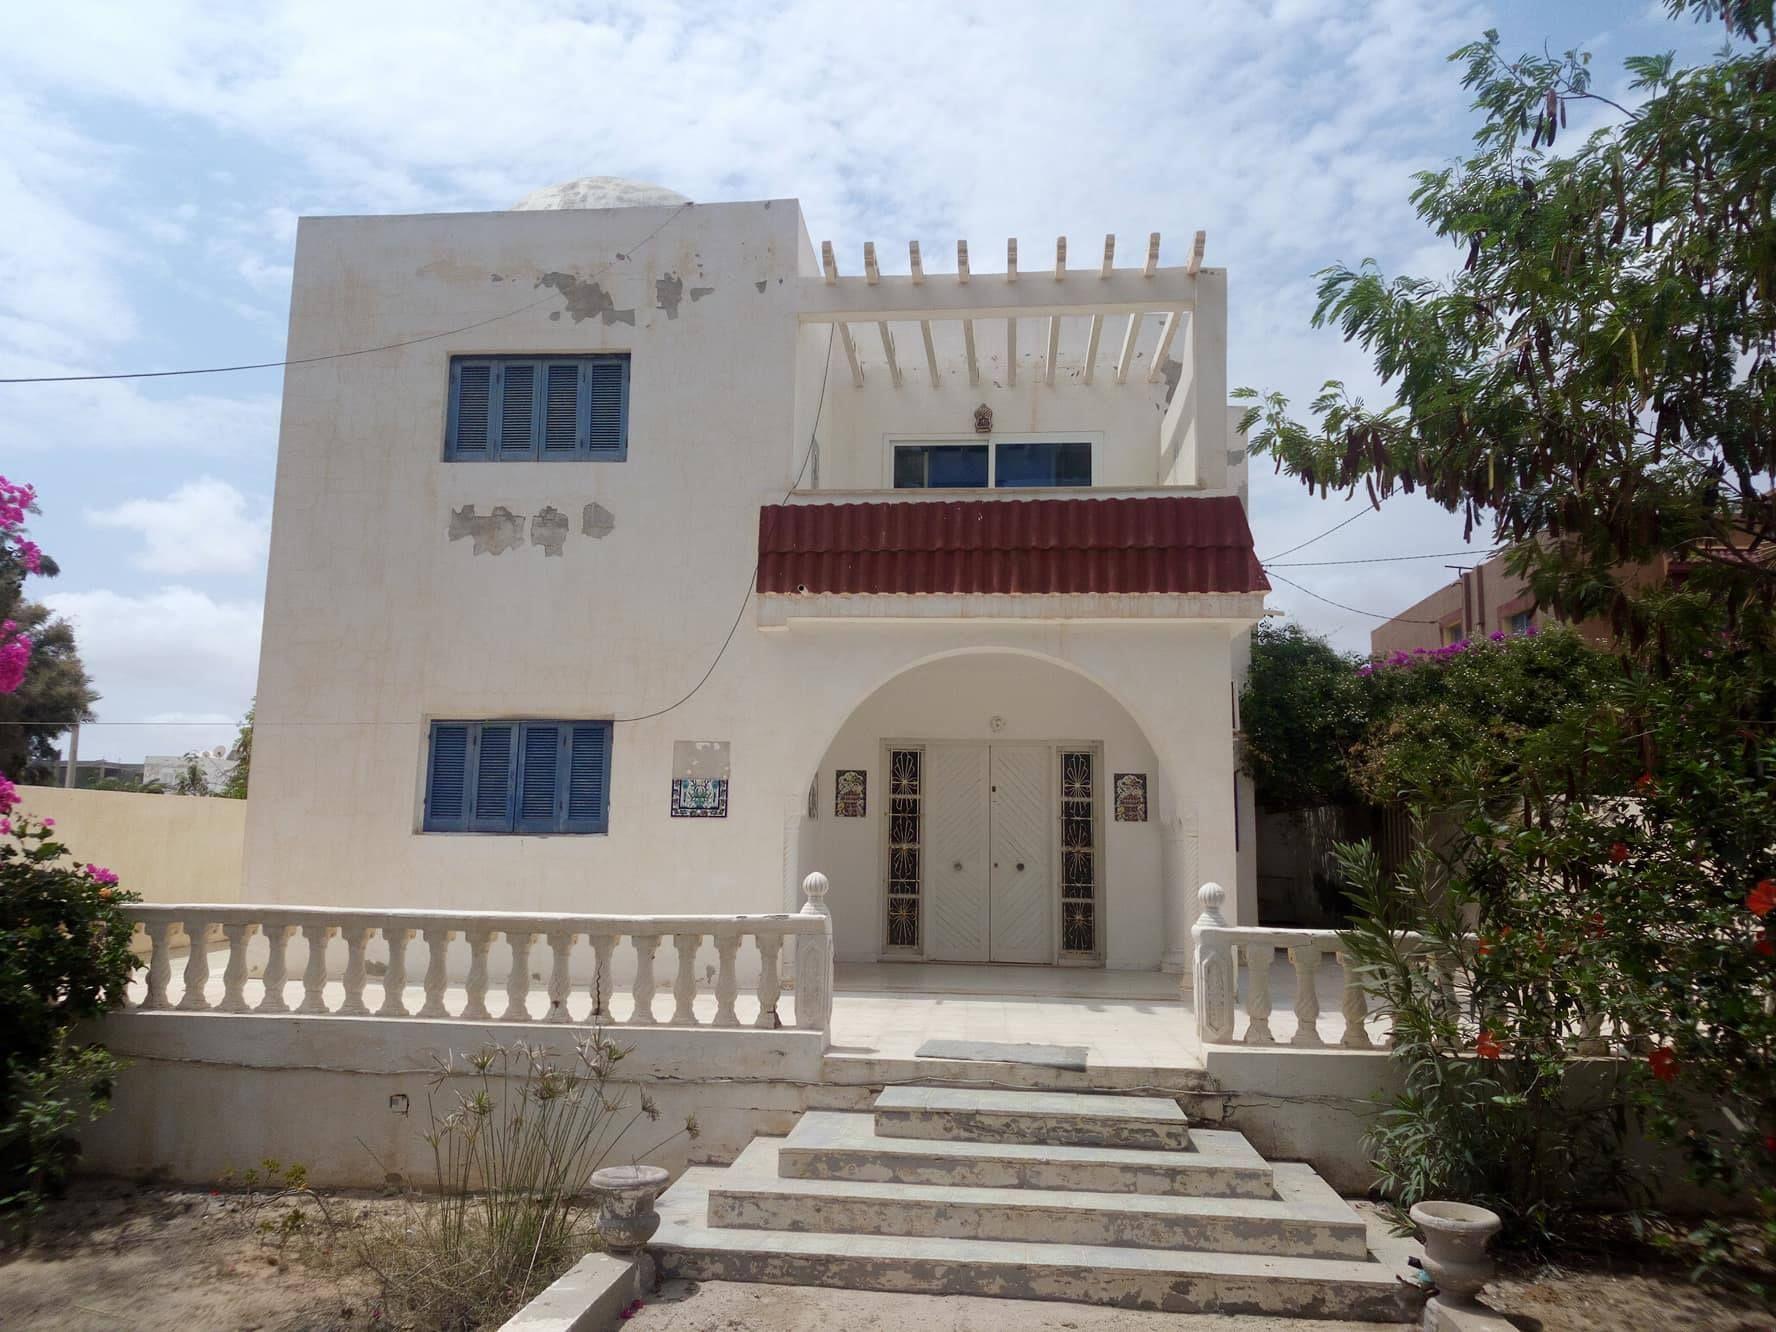 Salle De Bain Aqualys ~ Location Villa Bord De Mer Pr S Shango Location Maison Zarzis